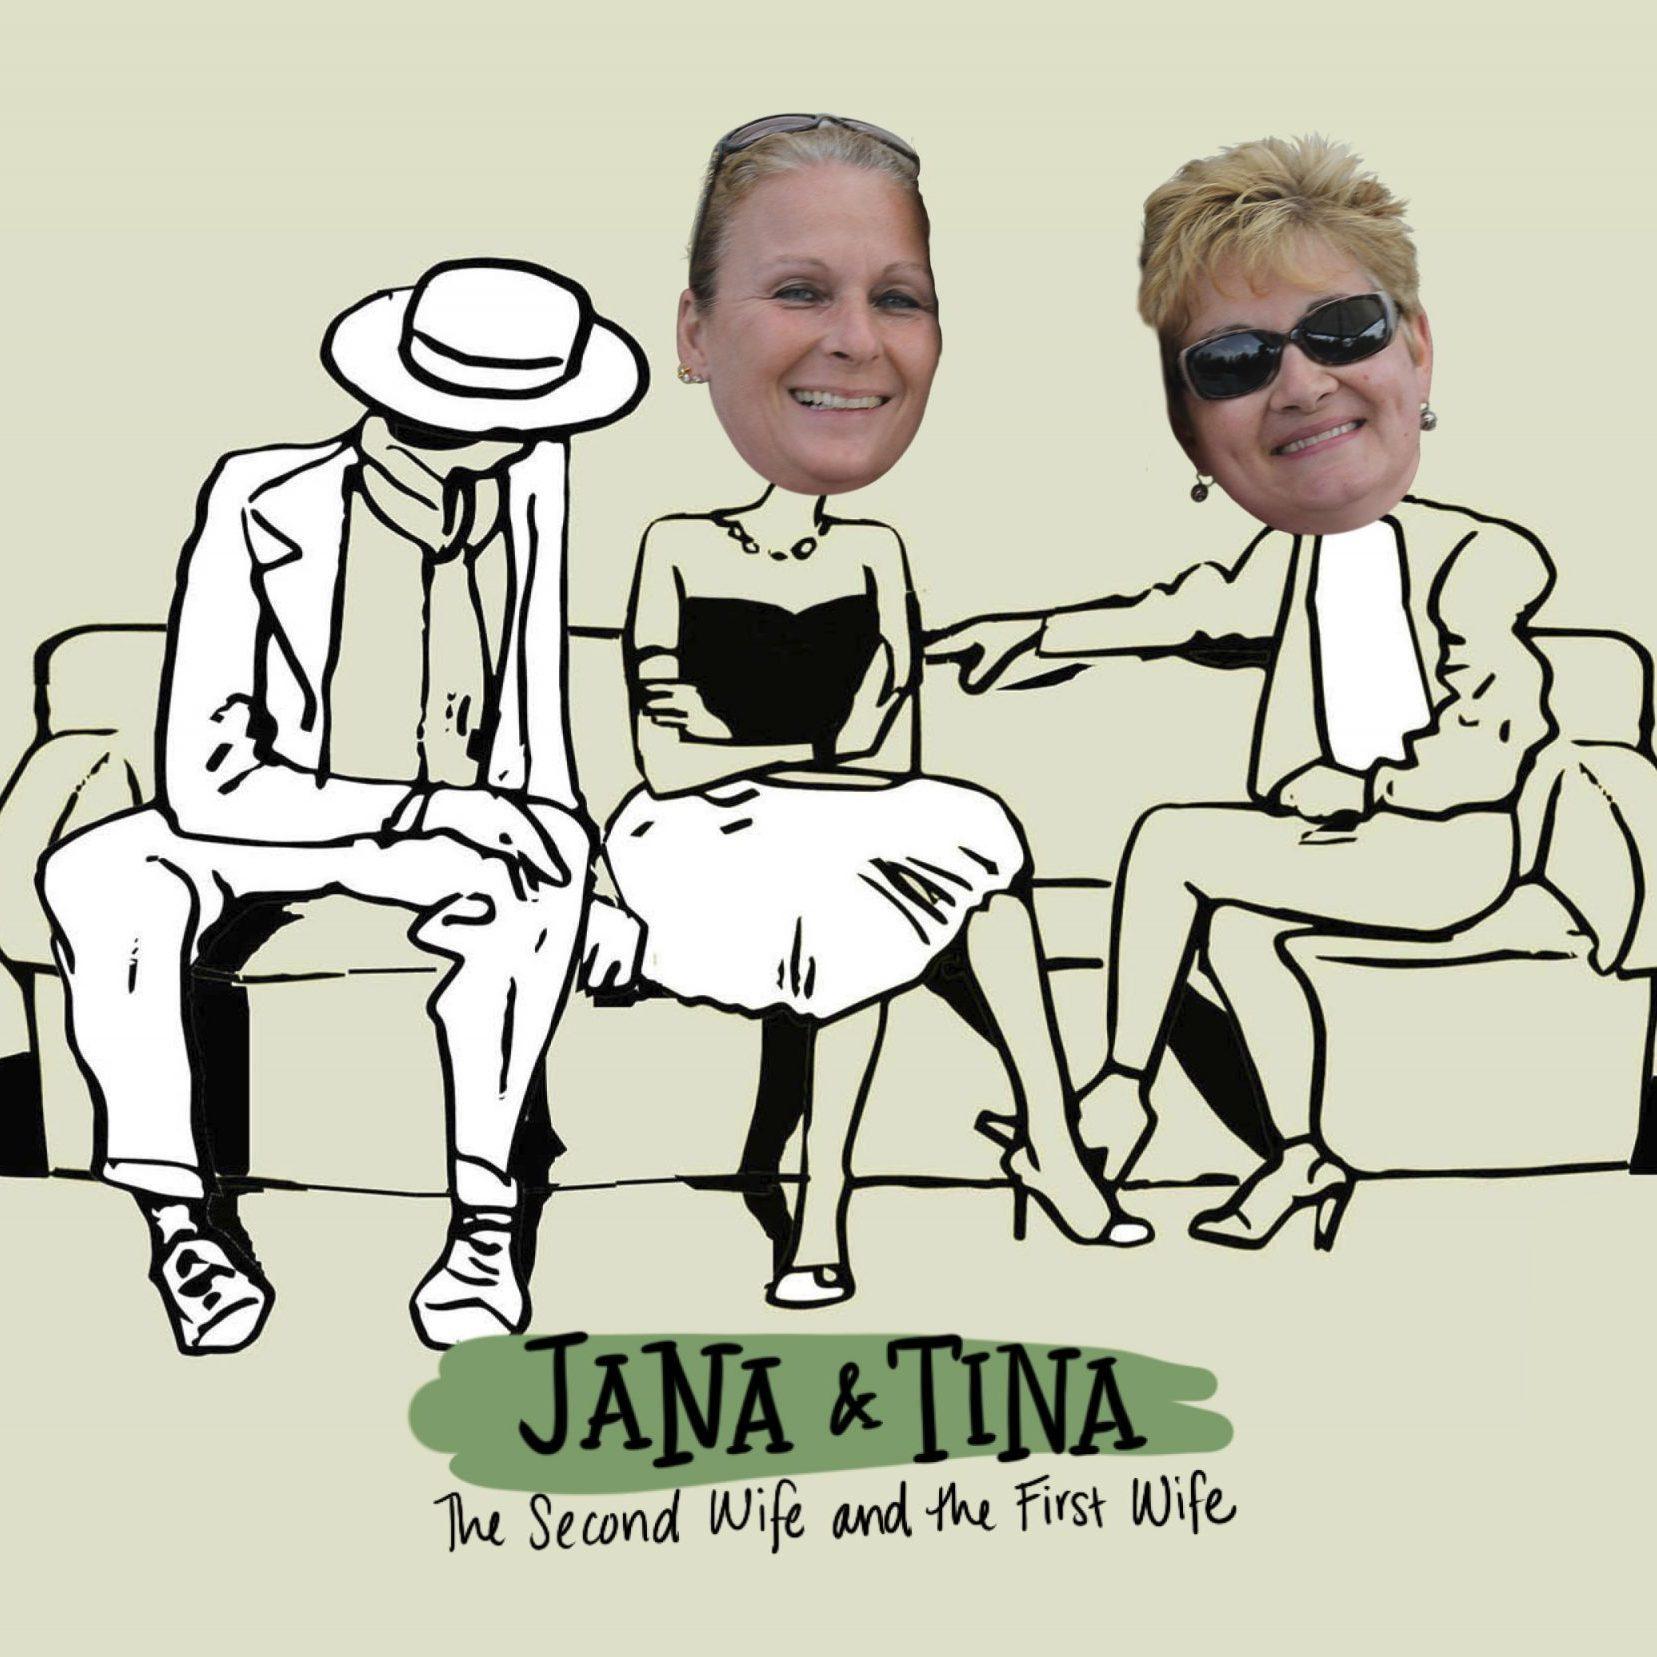 Jana & Tina